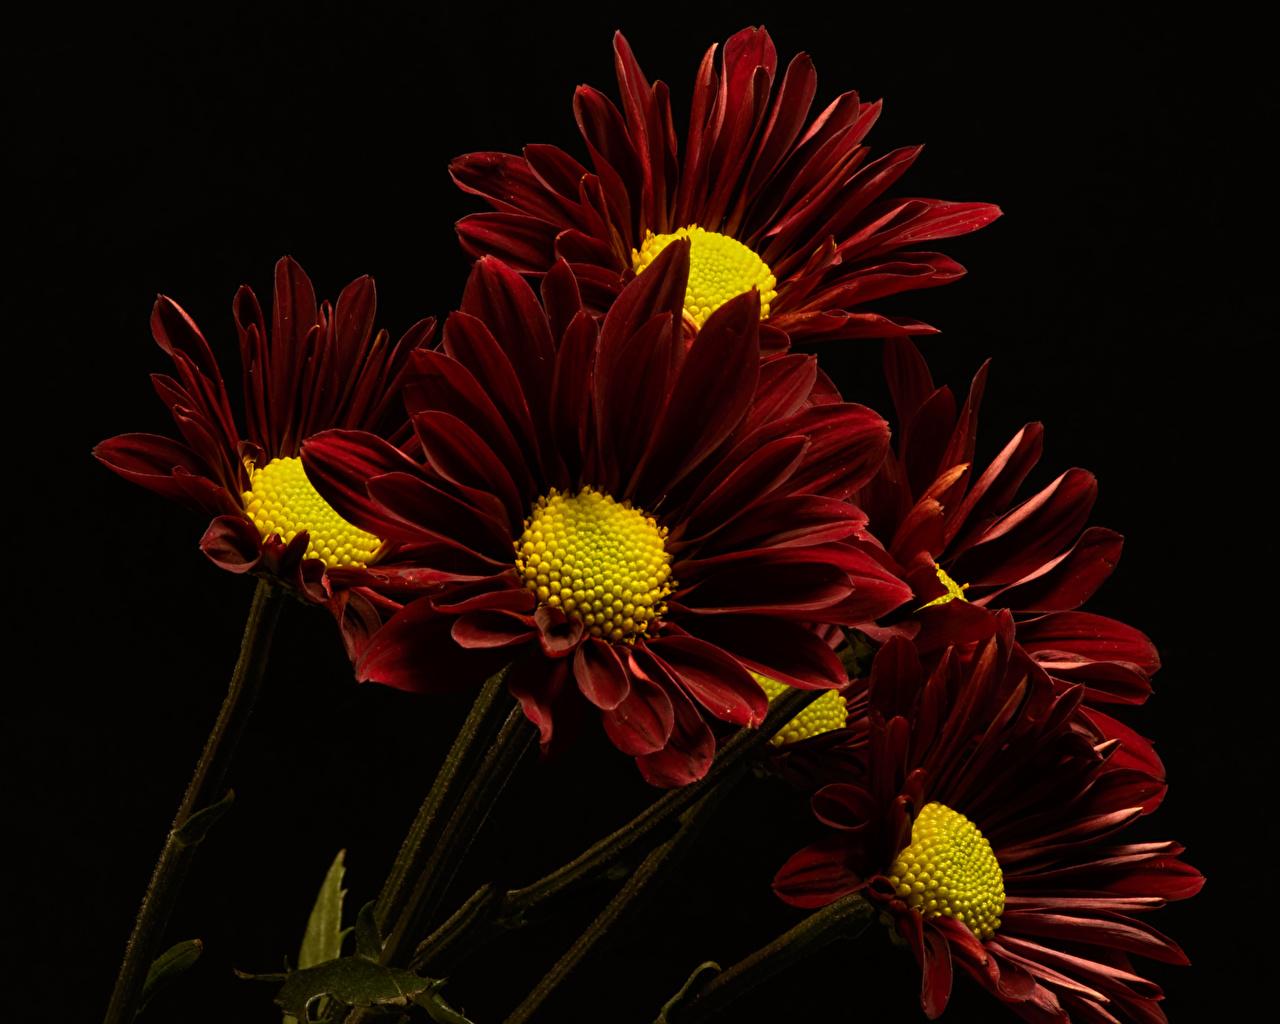 Wallpaper Wine color Mums Flowers Closeup Black background maroon burgundy dark red flower Chrysanths Chrysanthemums